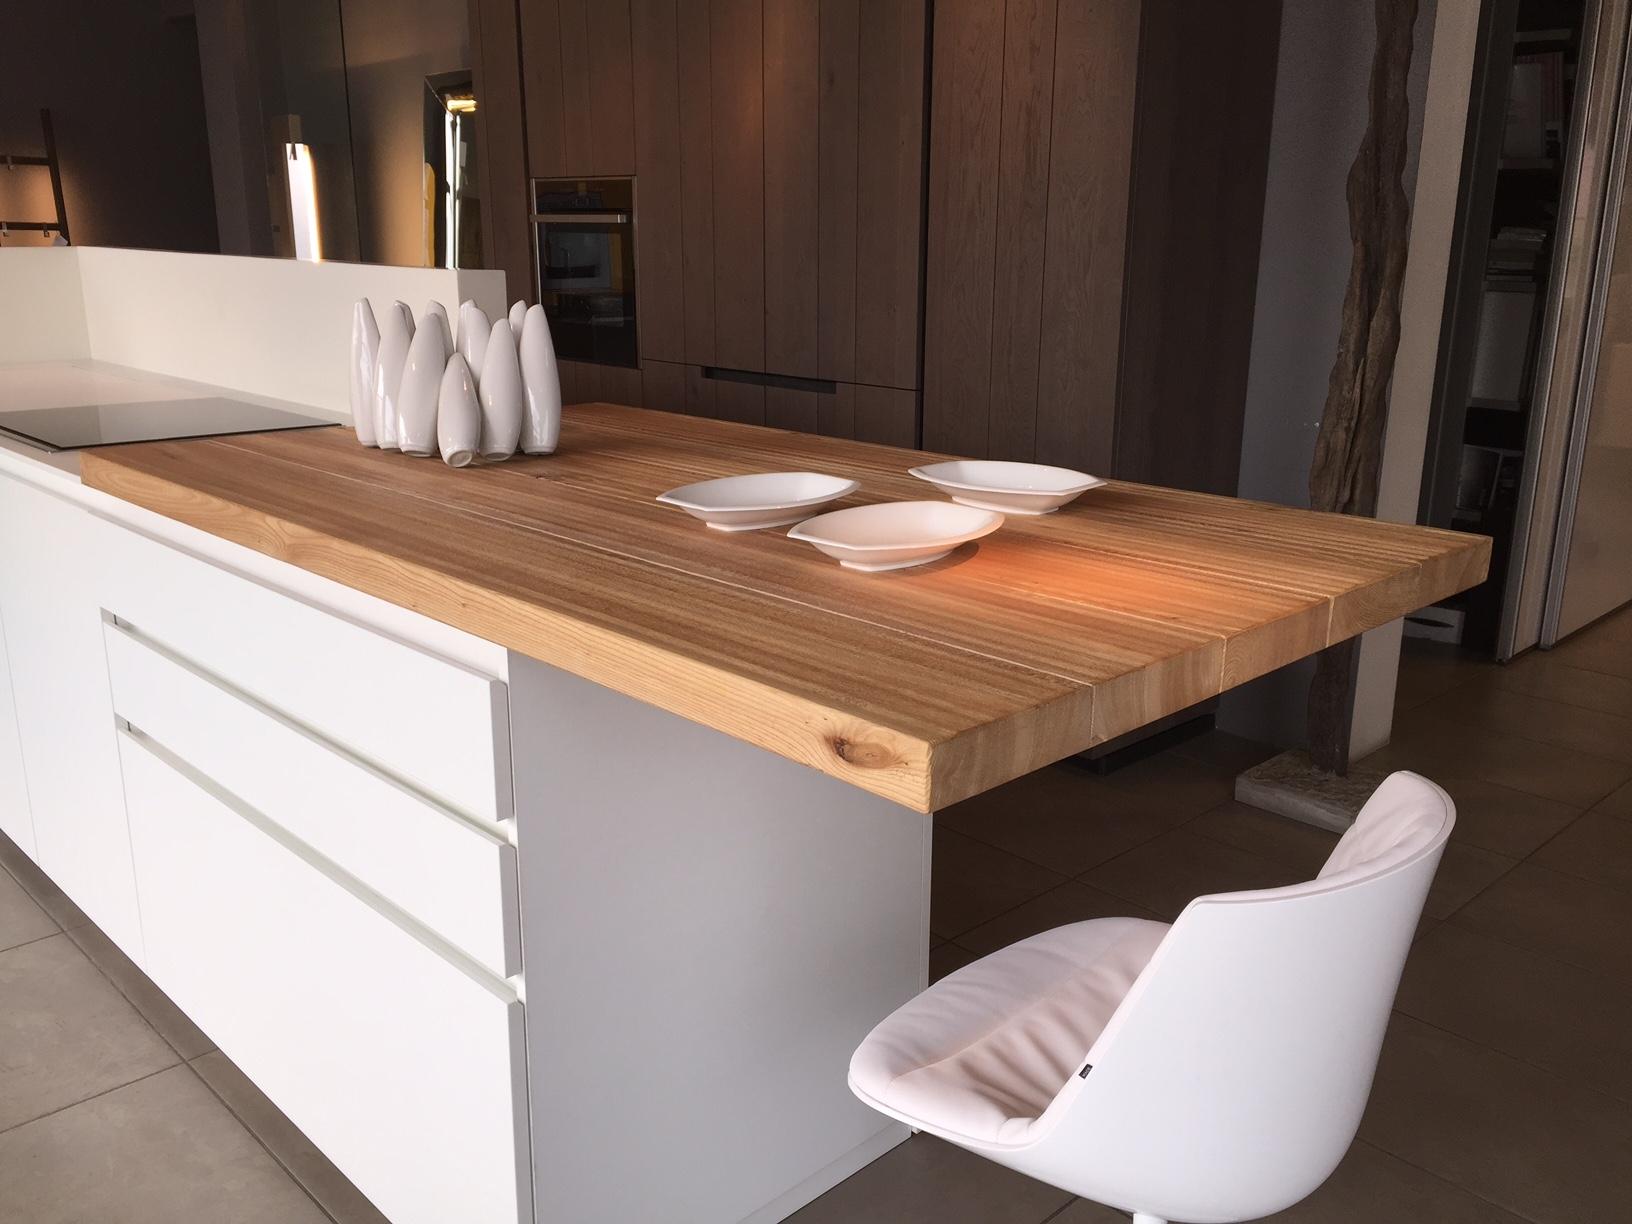 Cucina ad isola idee di design per la casa - Isola per cucina prezzi ...